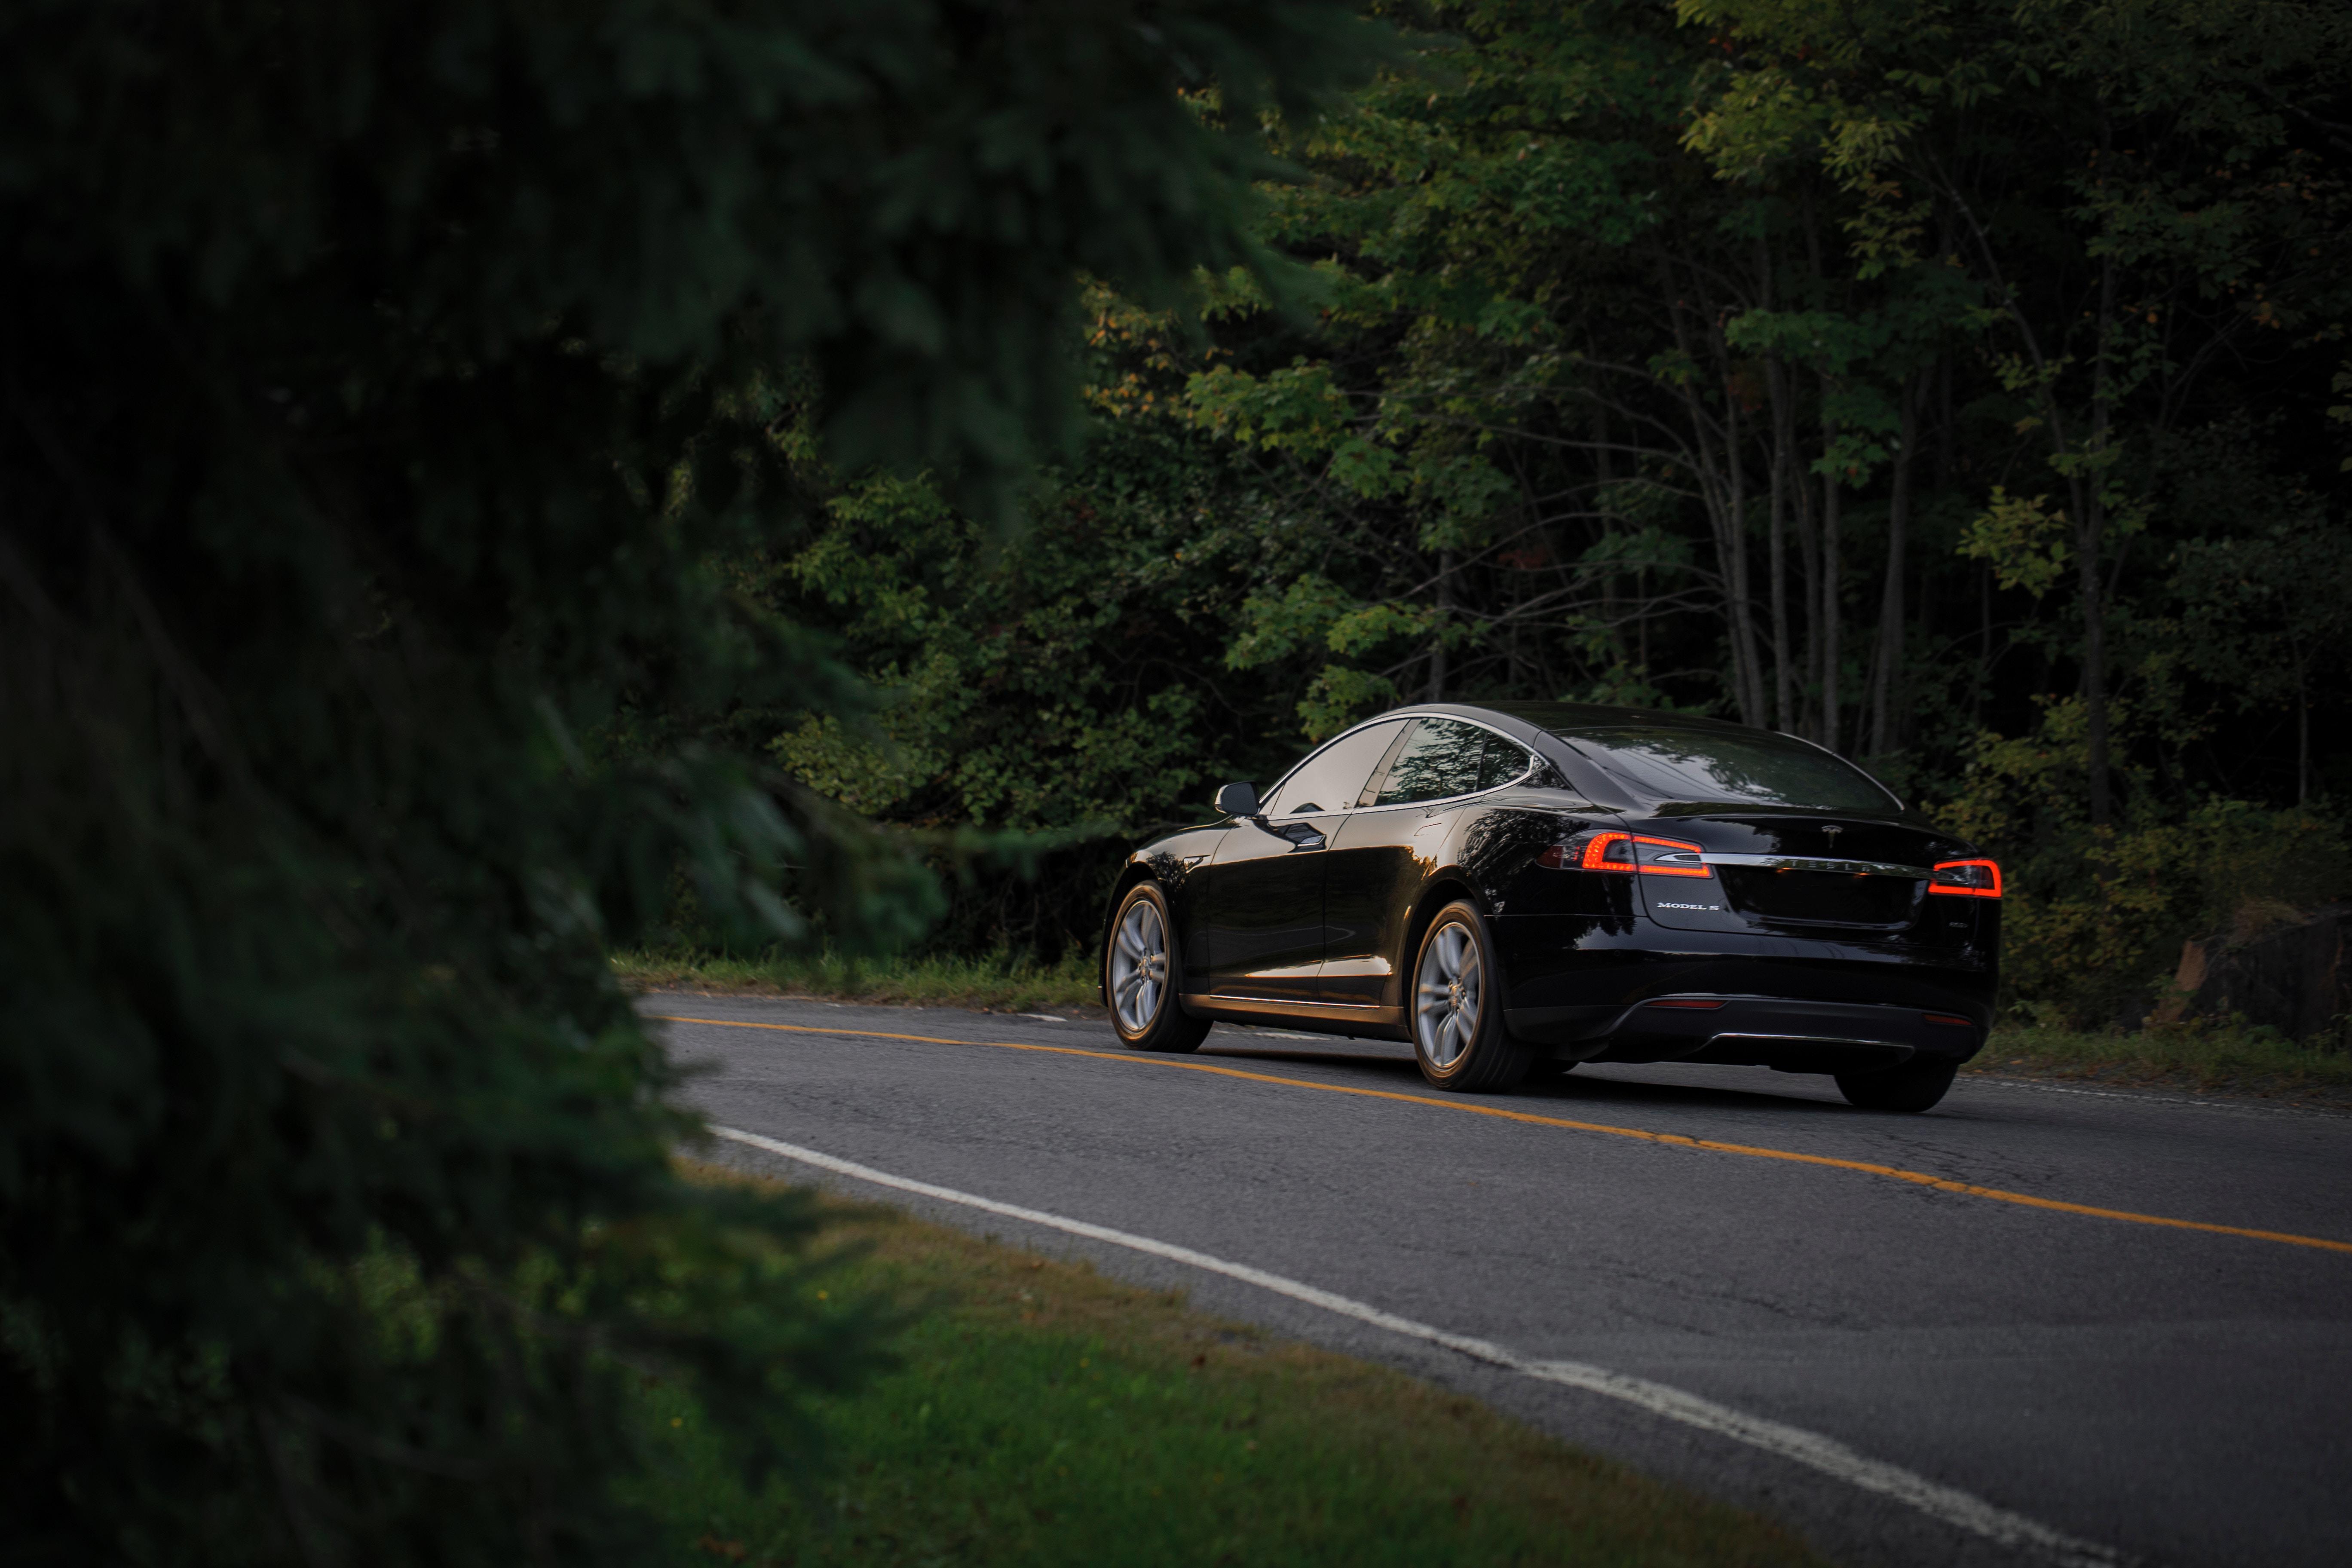 69439 скачать обои Тачки (Cars), Tesla, Машины, Черный, Вид Сбоку, Дорога - заставки и картинки бесплатно